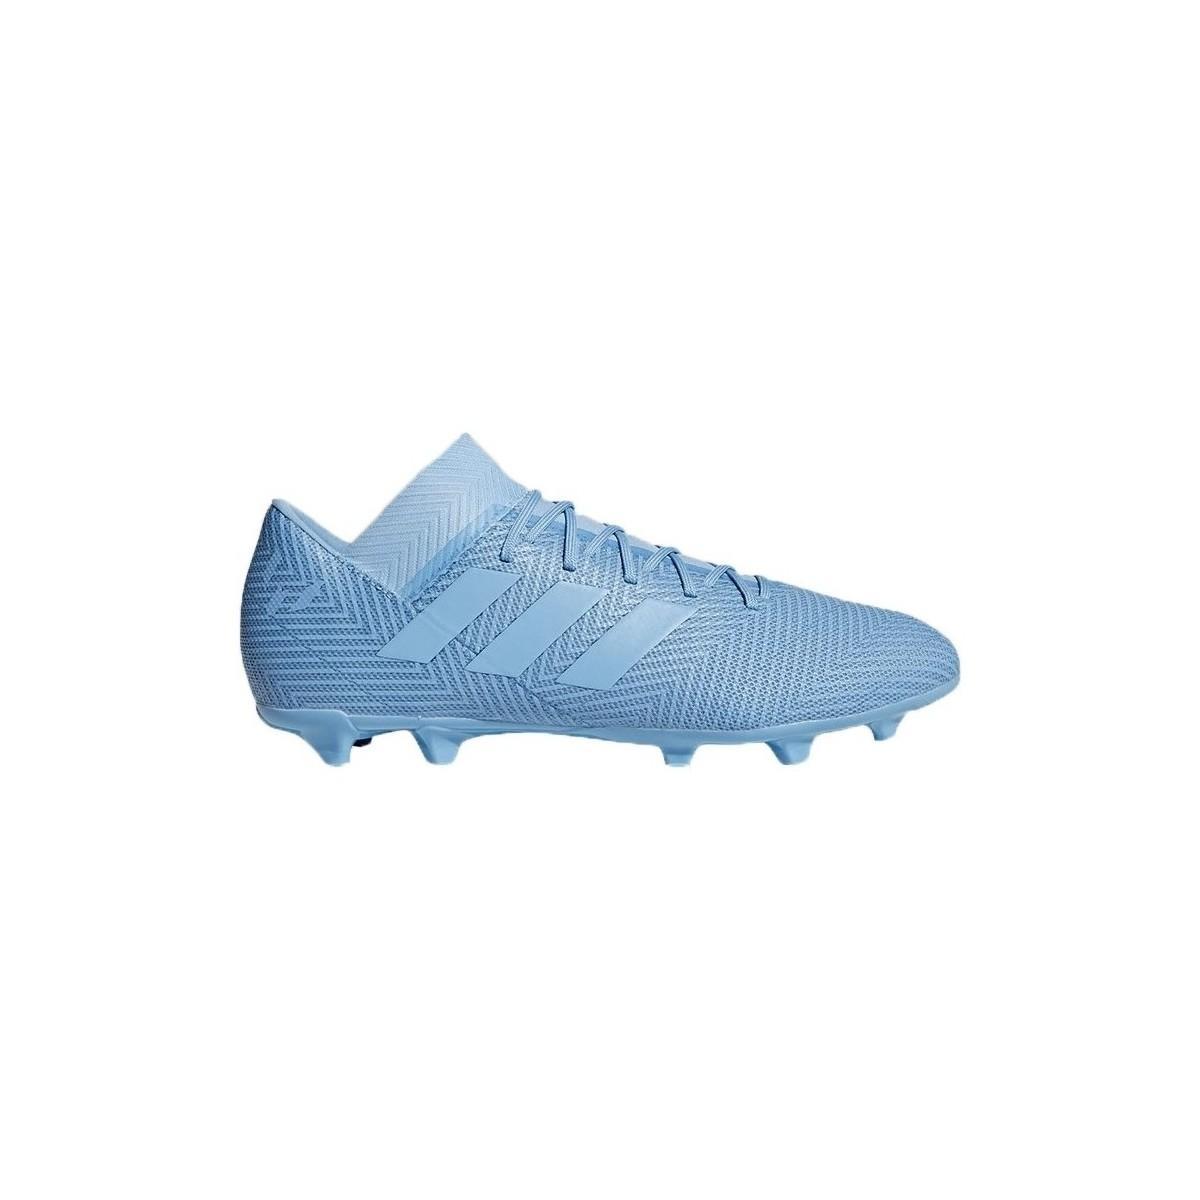 new arrival 8b1a3 9ab3a adidas. Nemeziz Messi ...